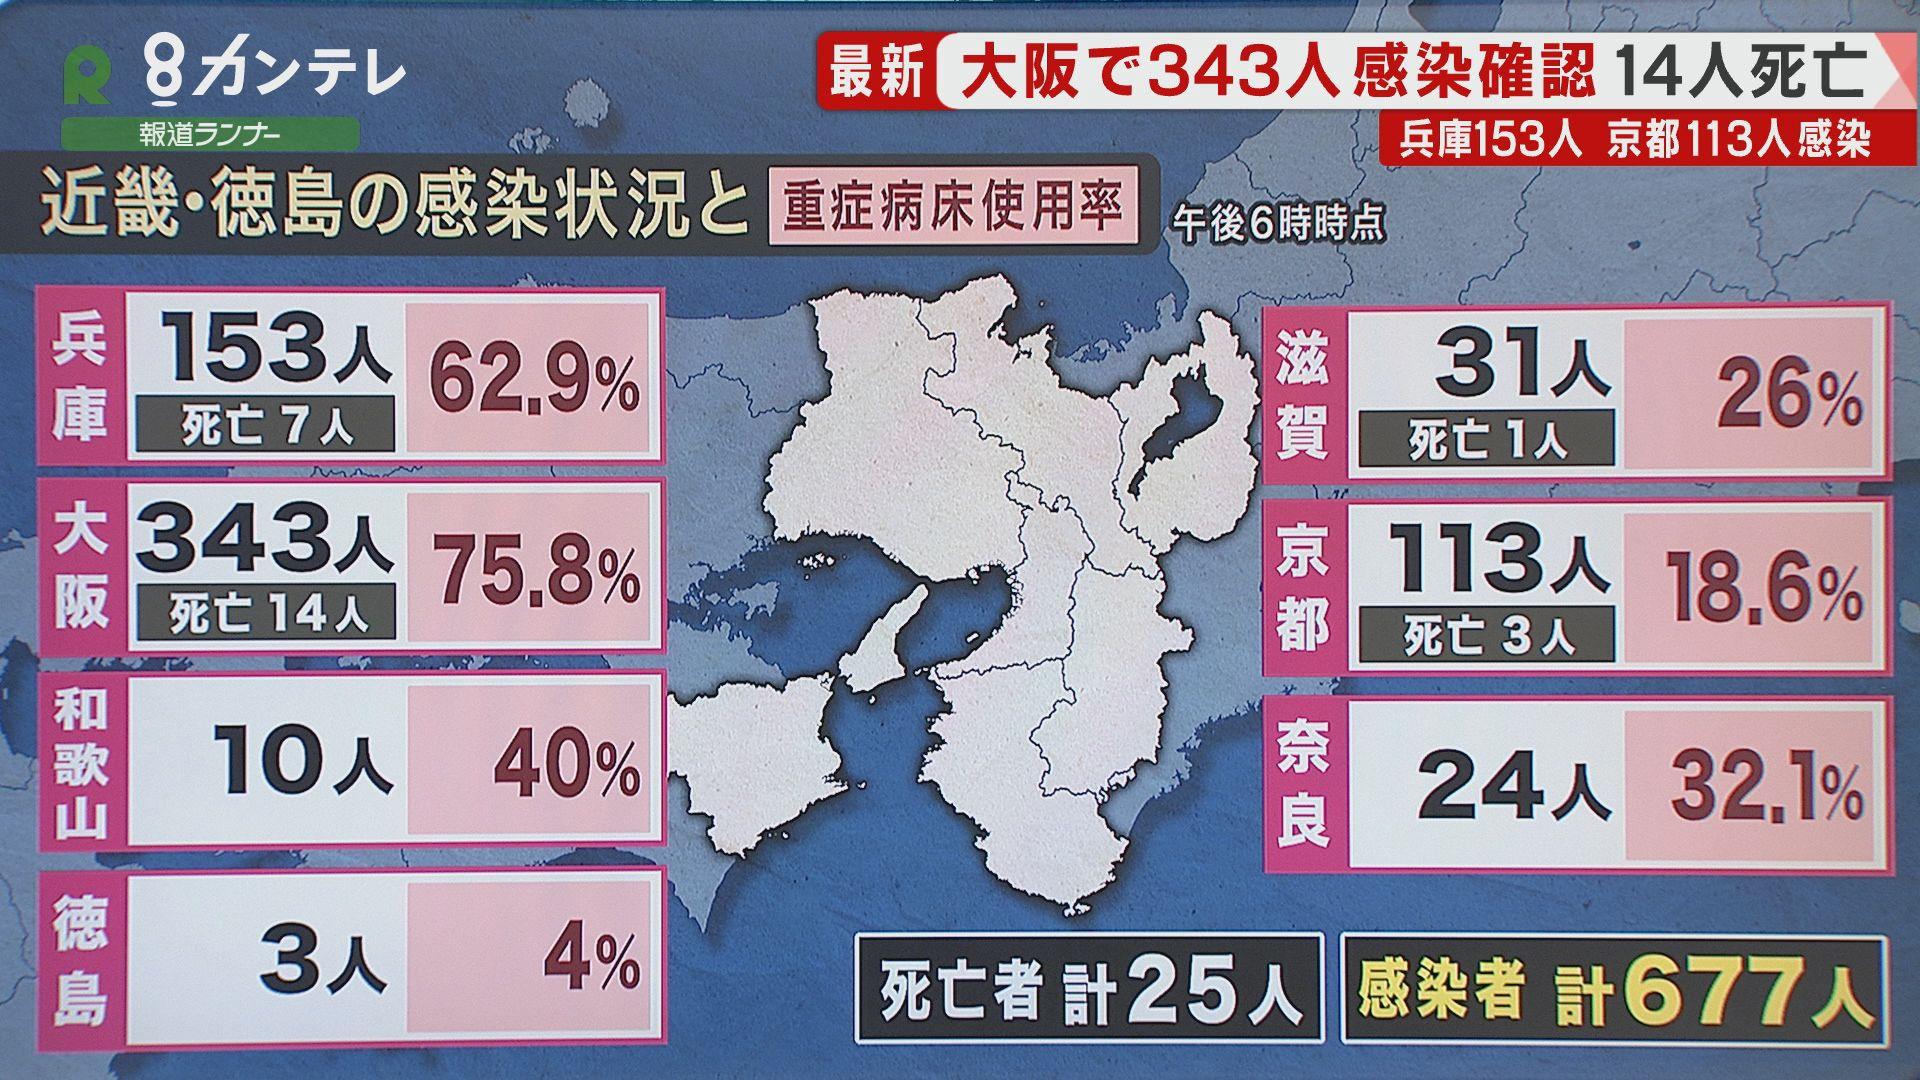 コロナ 兵庫 県 感染 者 数